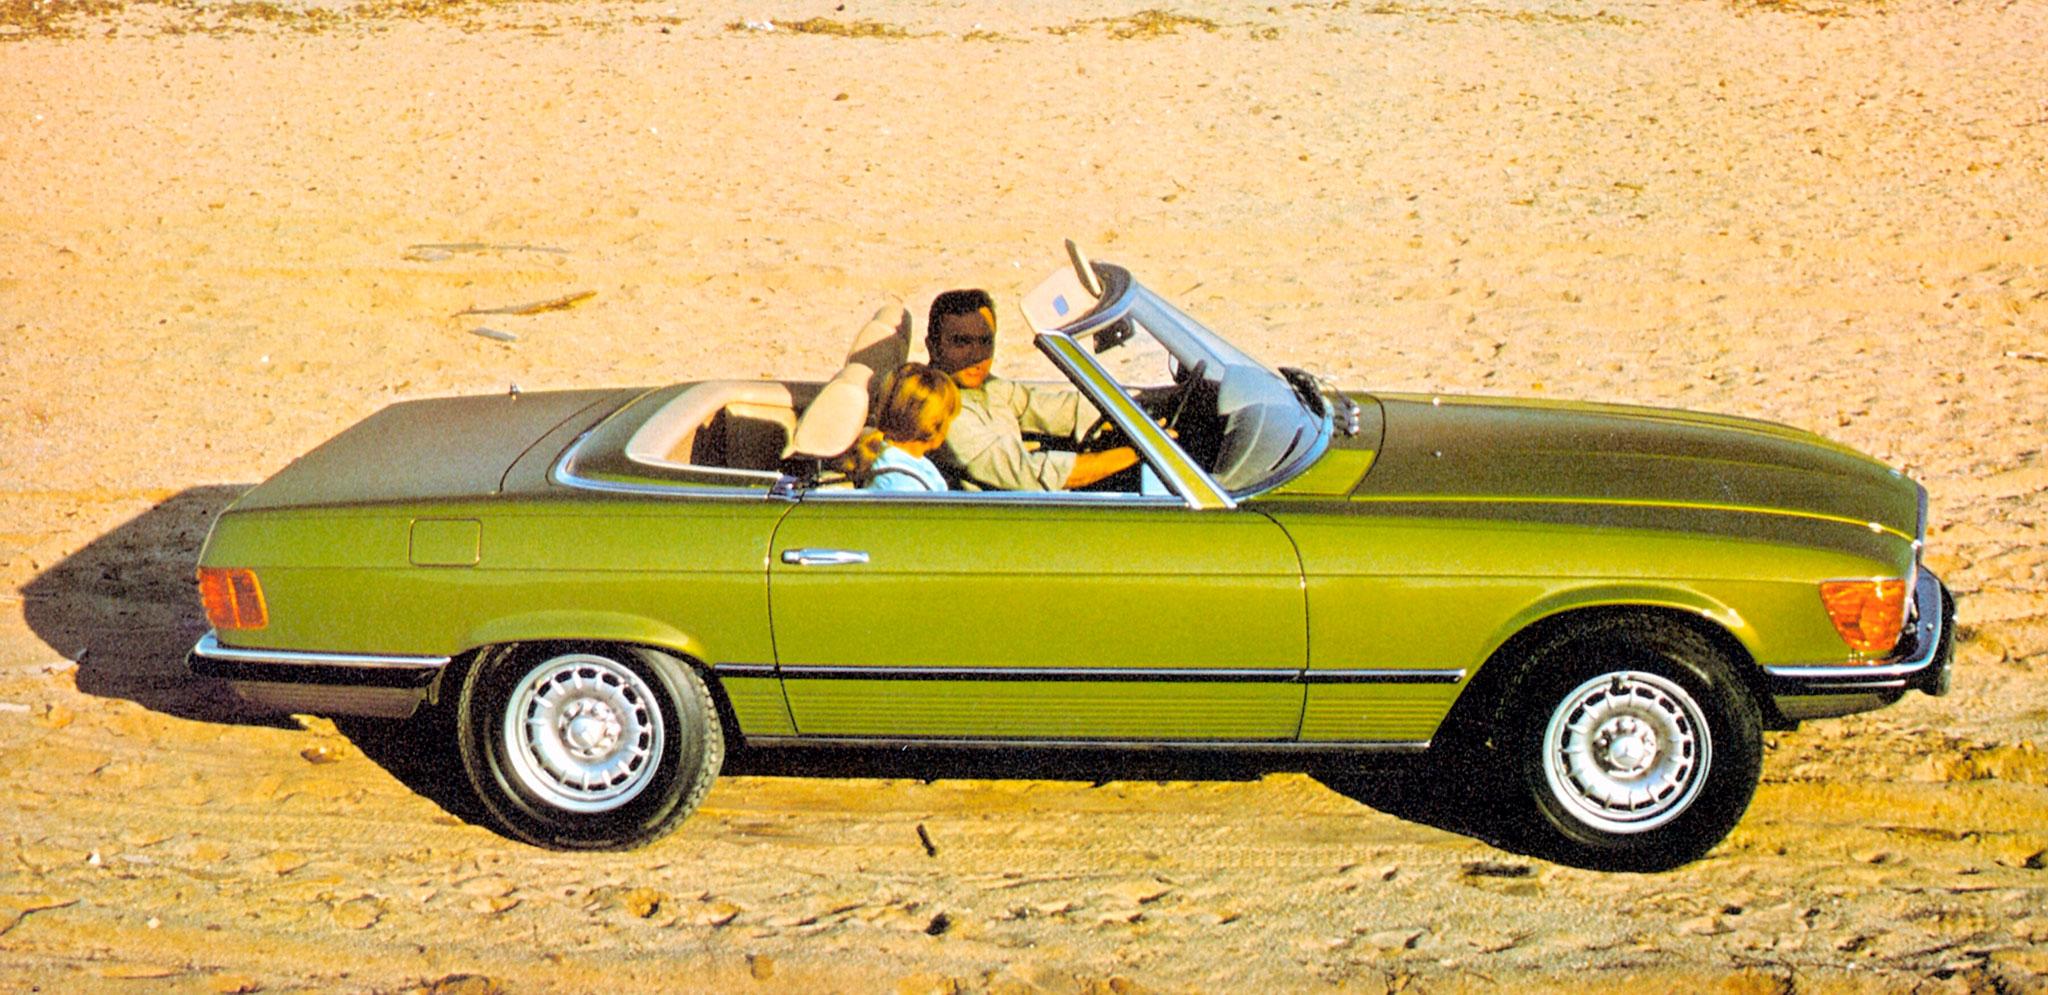 1971-1989 1980 Mercedes-Benz 350 SL R 107comme tous les cabriolets, c'est sous cette angle qu'il est le plus désirable.